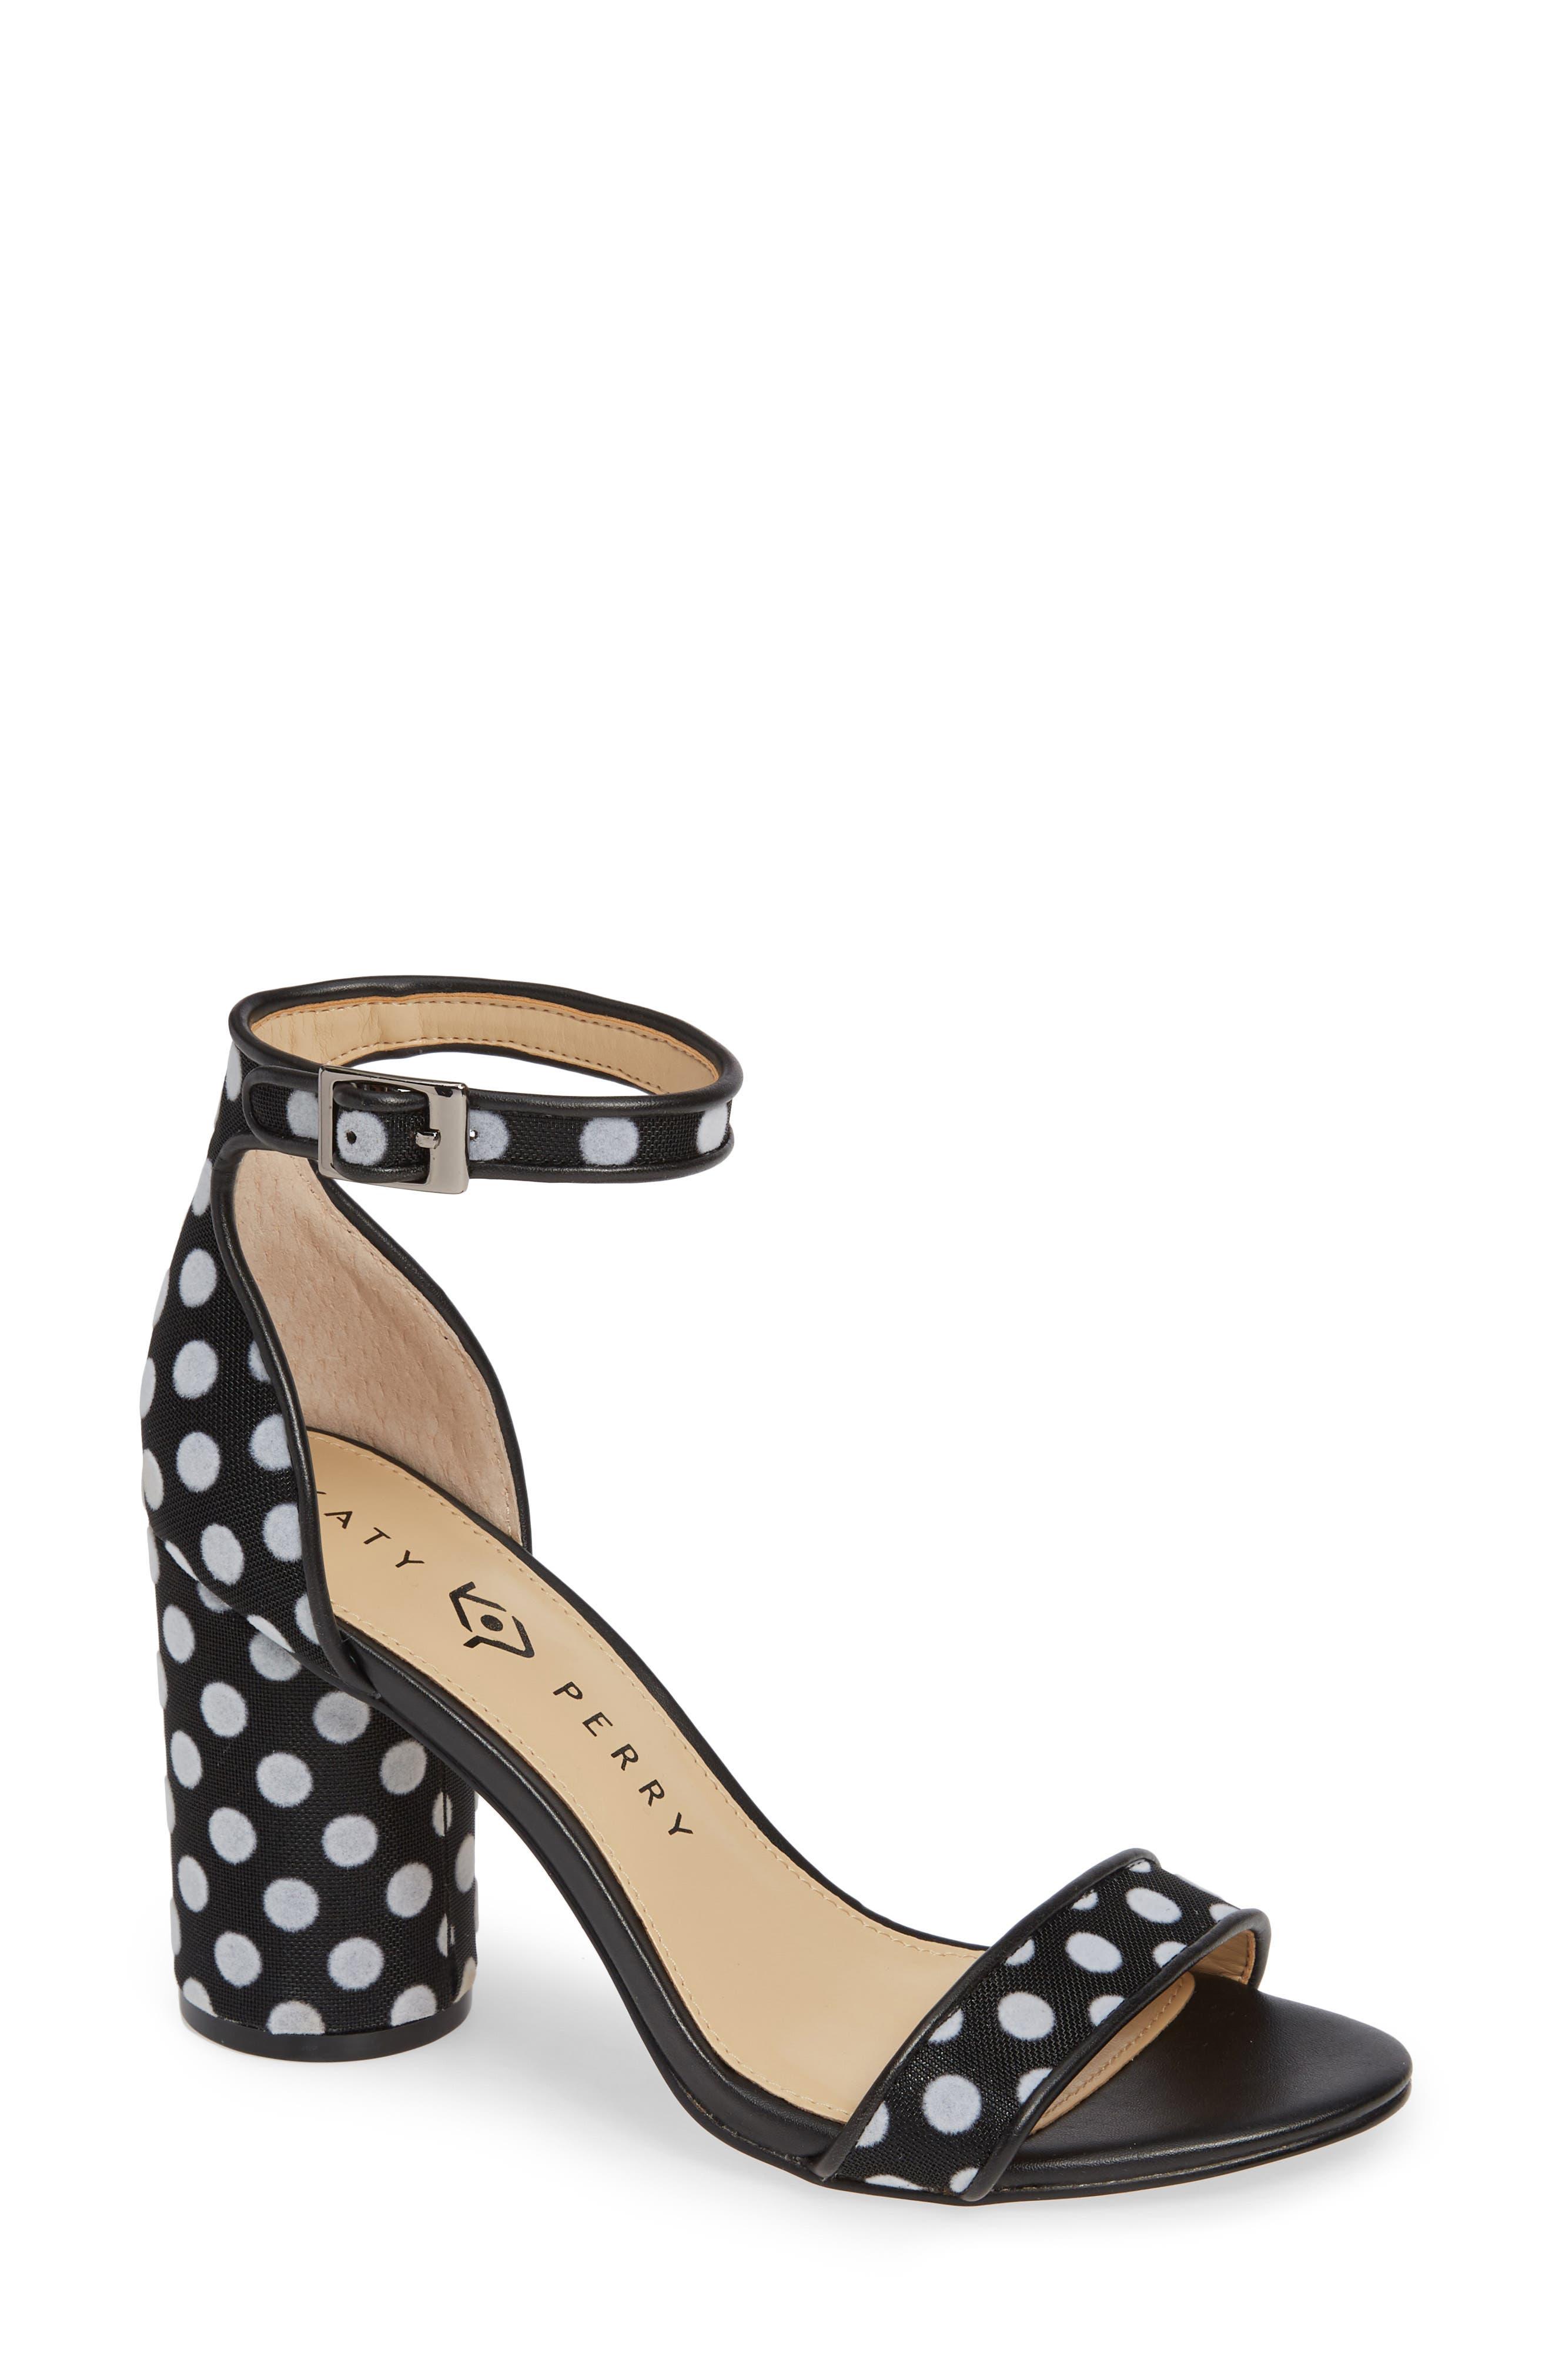 Ankle Strap Sandal in Black/ White